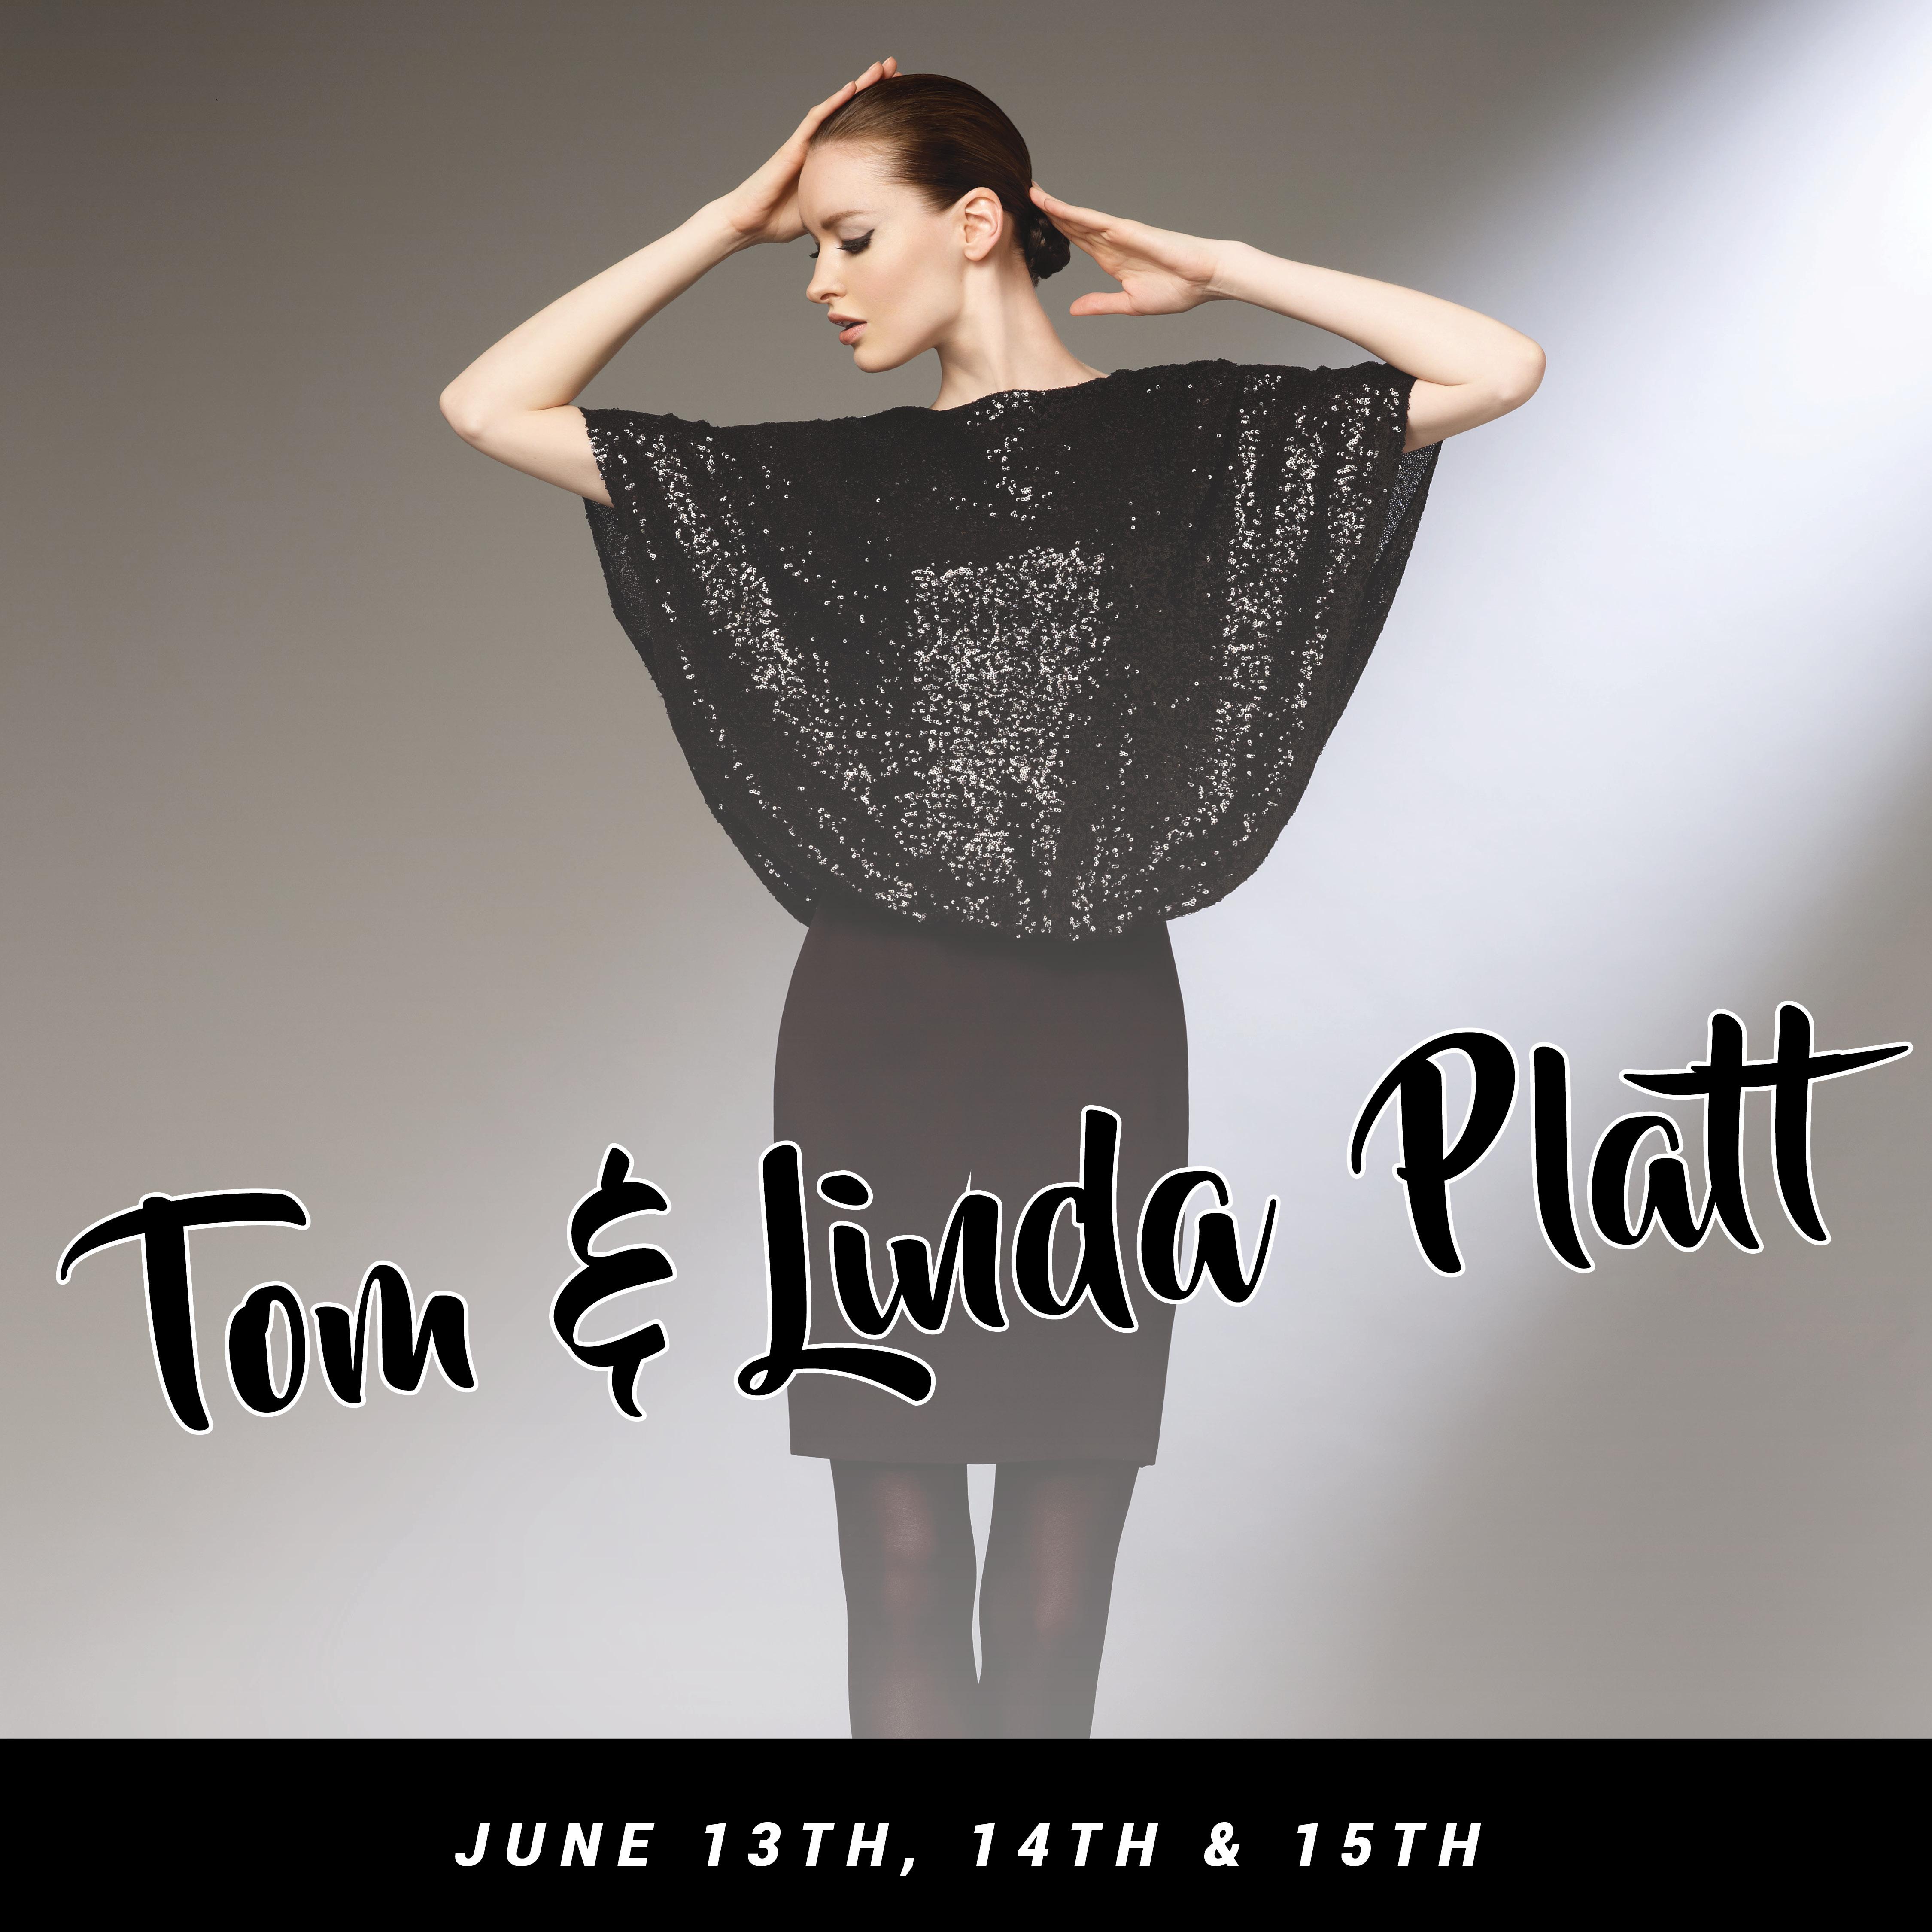 Tom & Linda Platt Summer Show